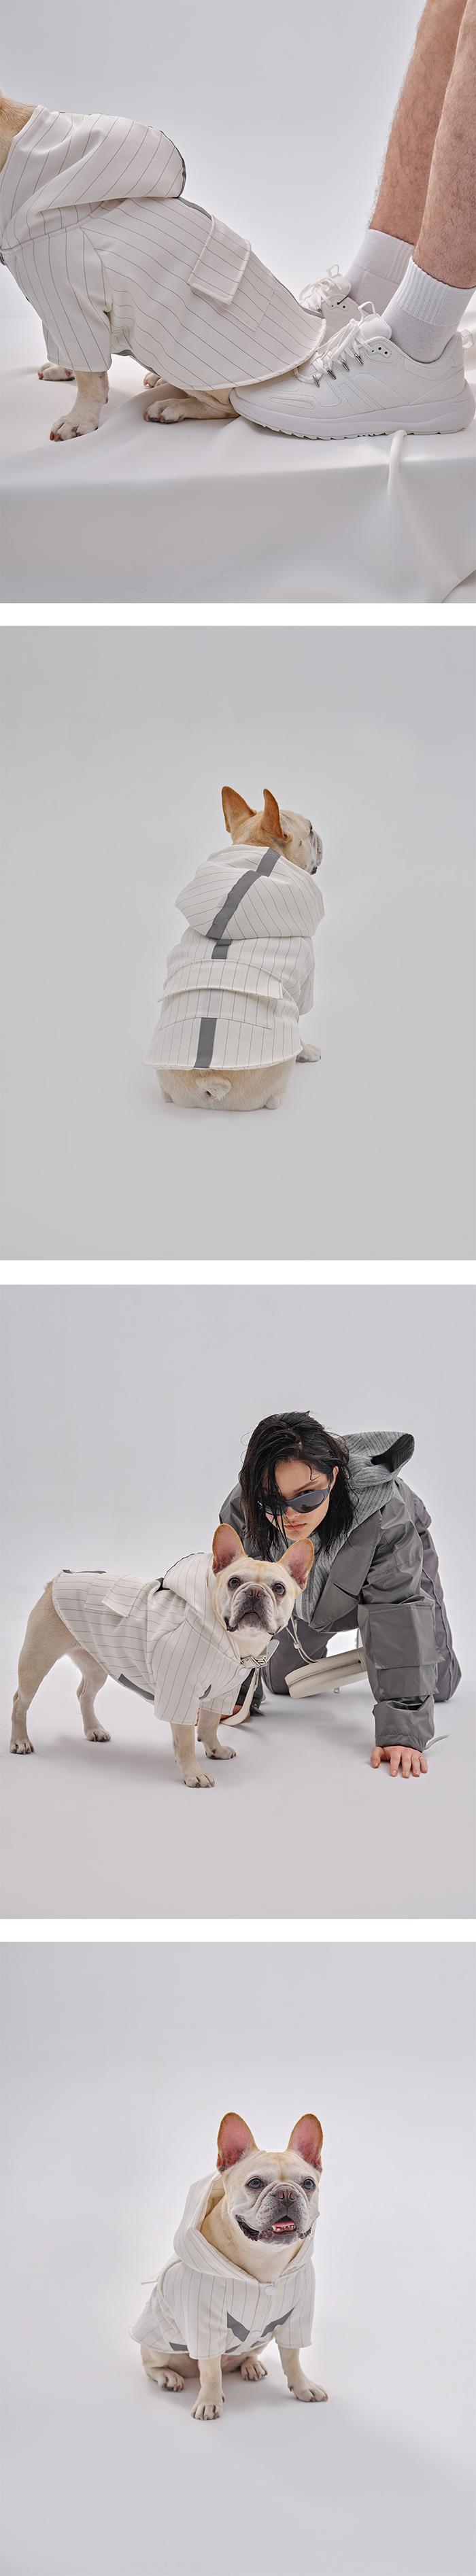 (複製)PEHOM|三色絨布條纹缎面狗狗運動衣